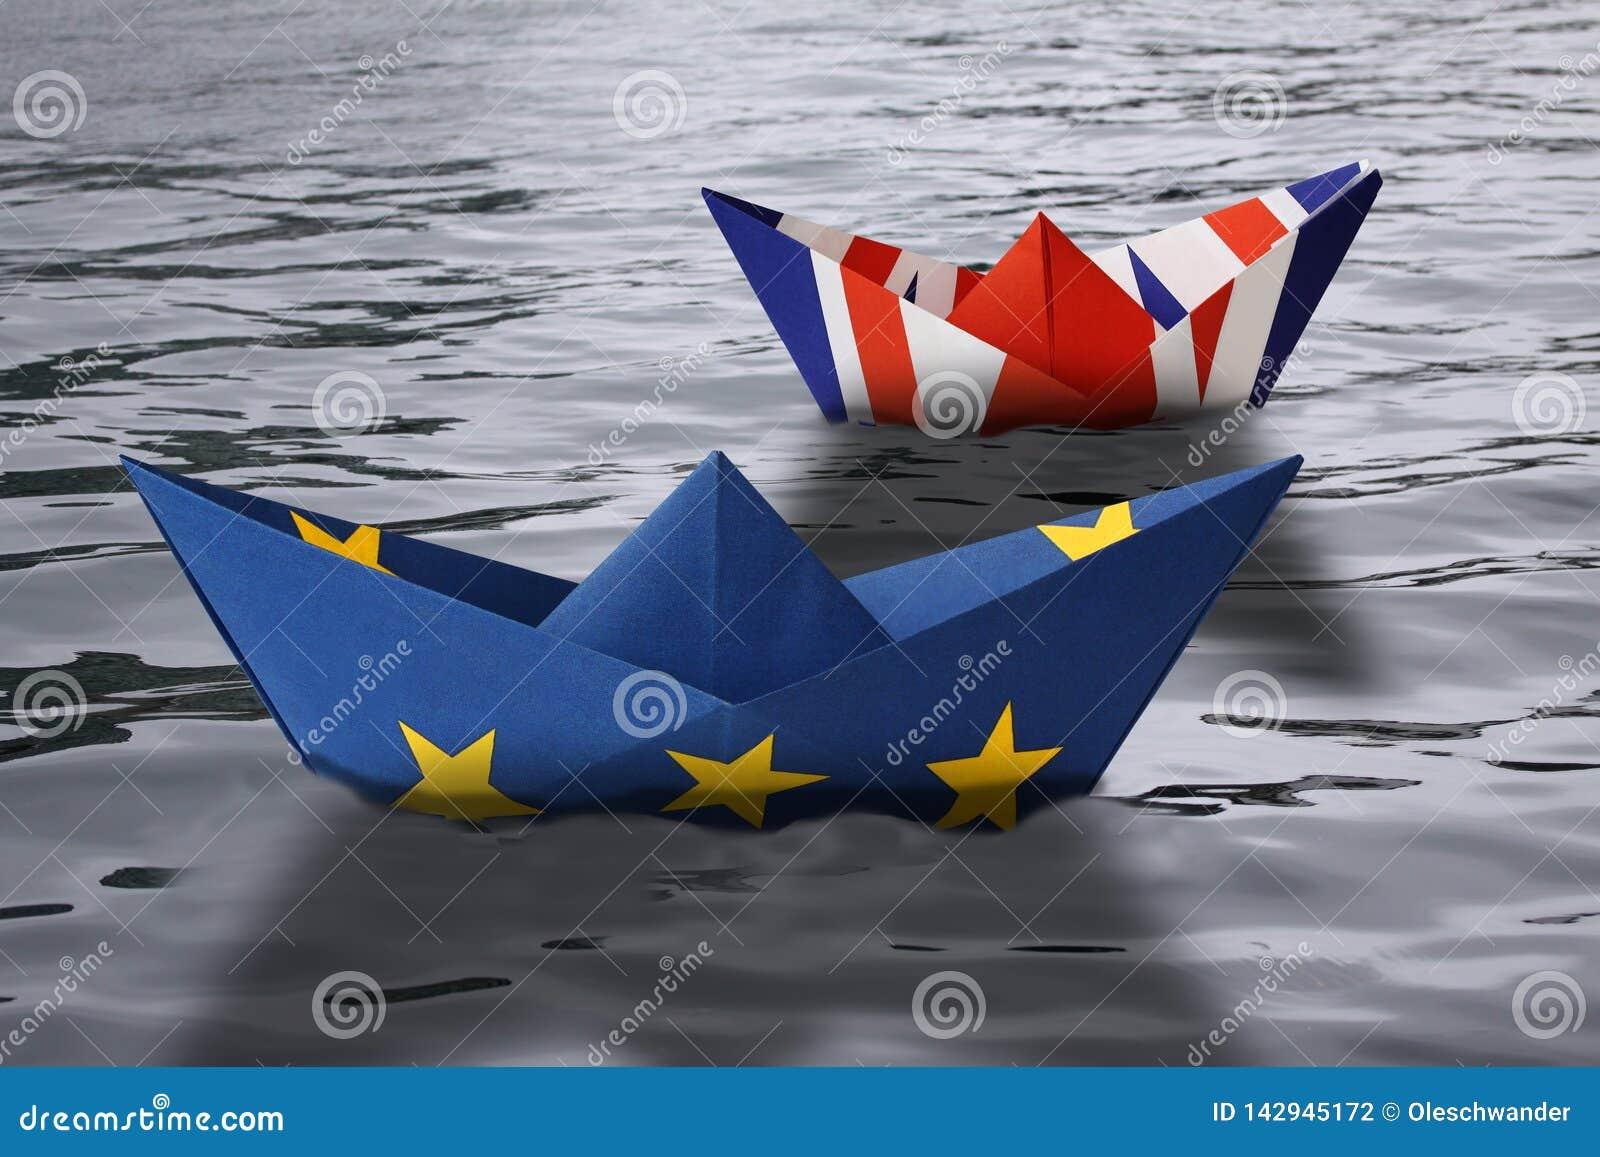 Le navi di carta hanno fatto come Unione Europea e bandiere britanniche che navigano parallelamente nella rappresentazione acqua